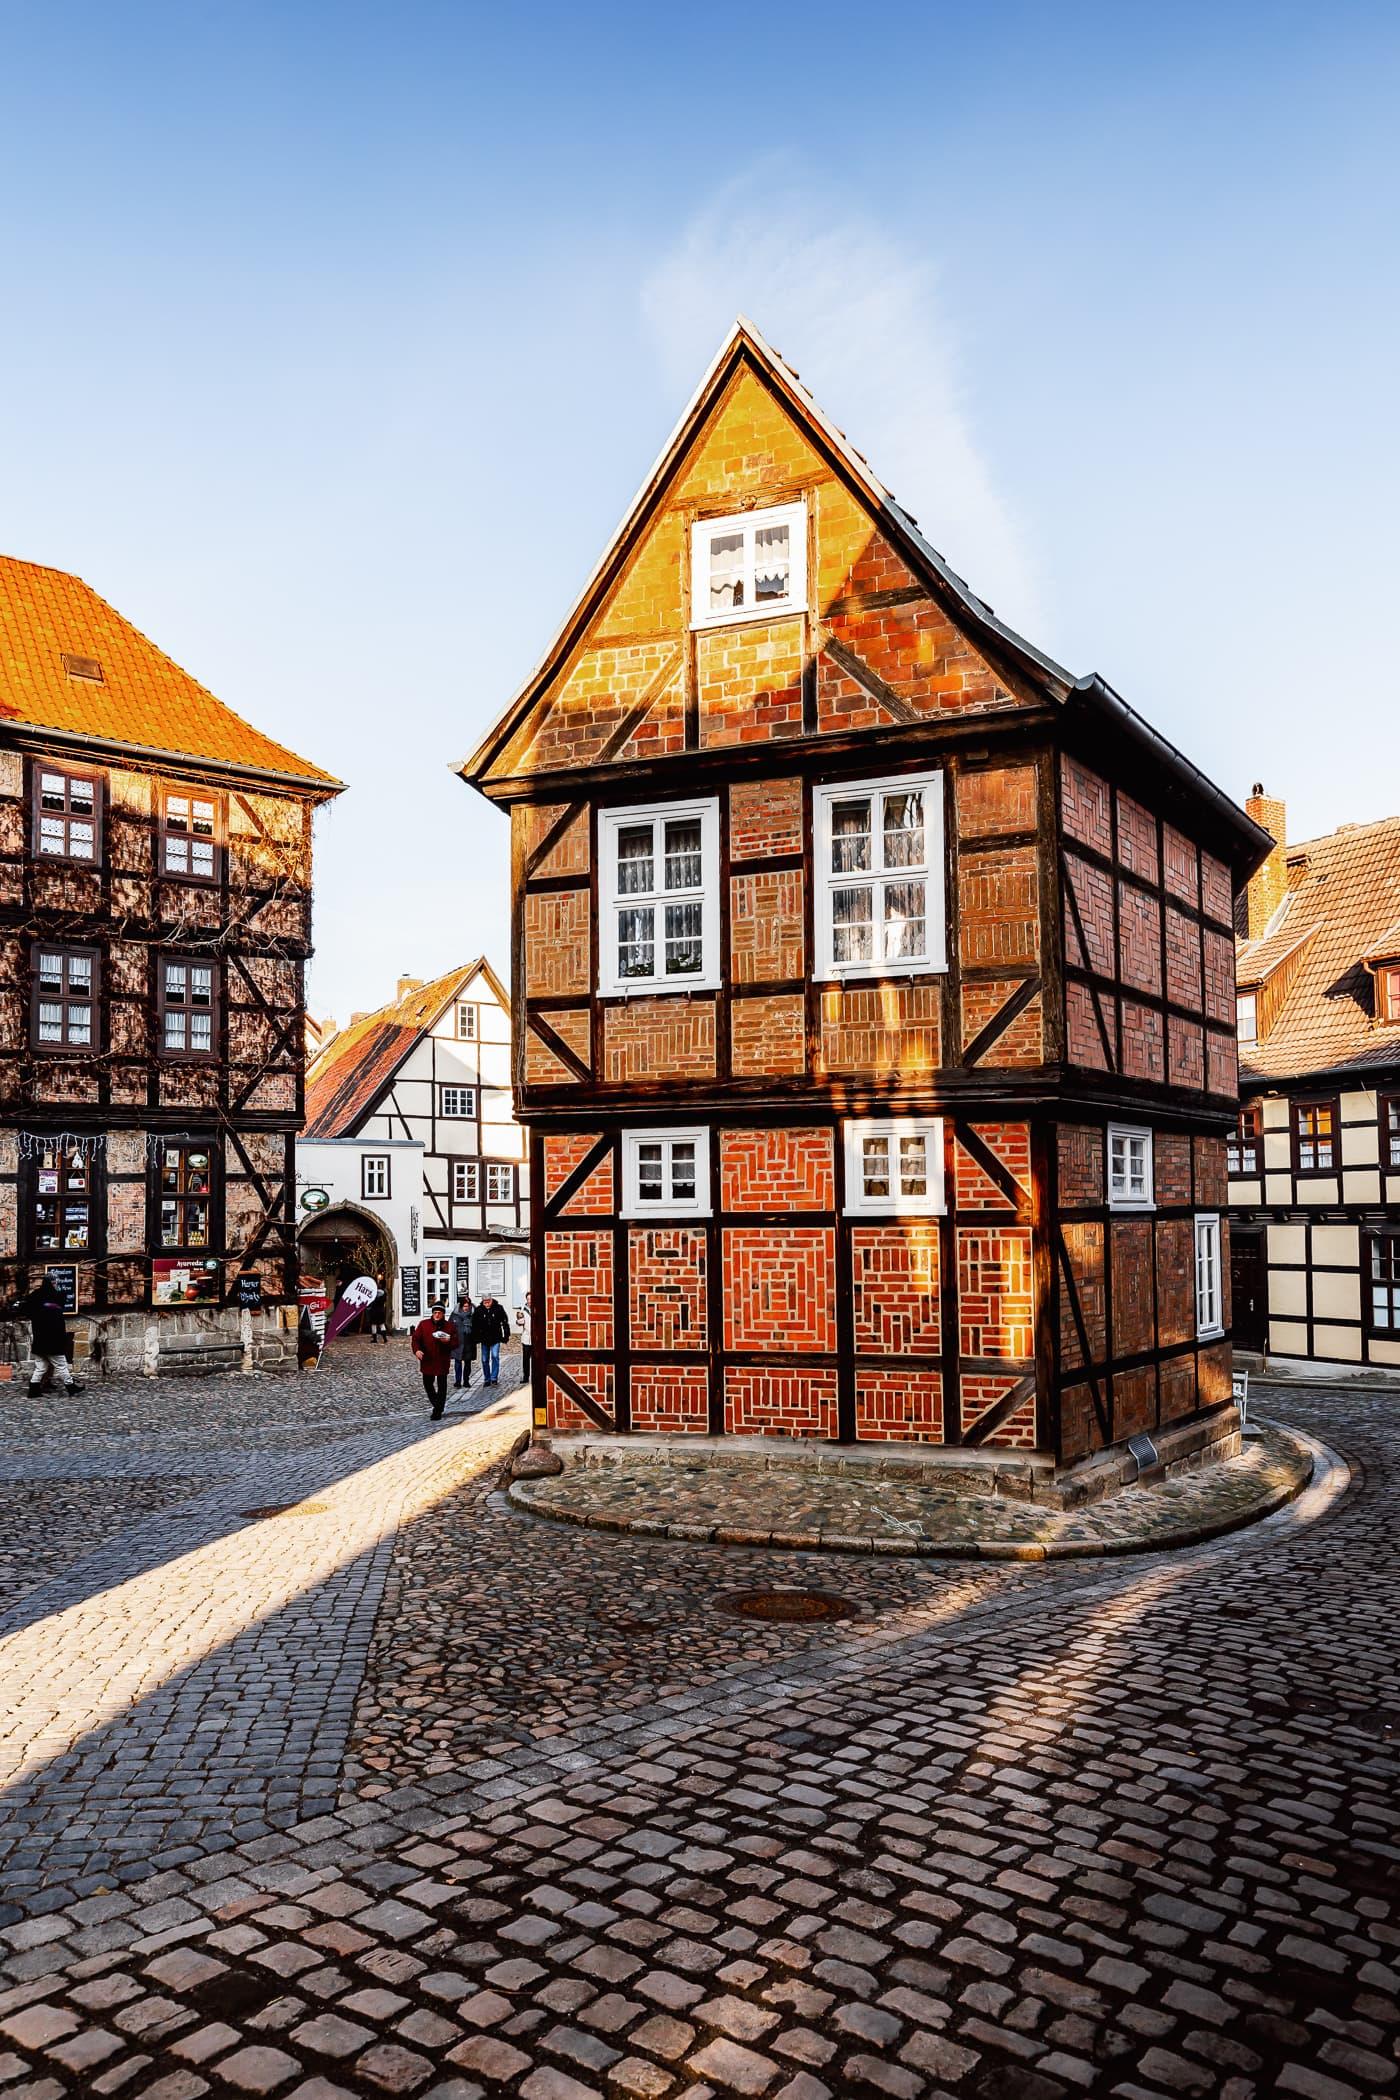 Finkenherd in Quedlinburg im Harz, Sachsen-Anhalt, Deutschland